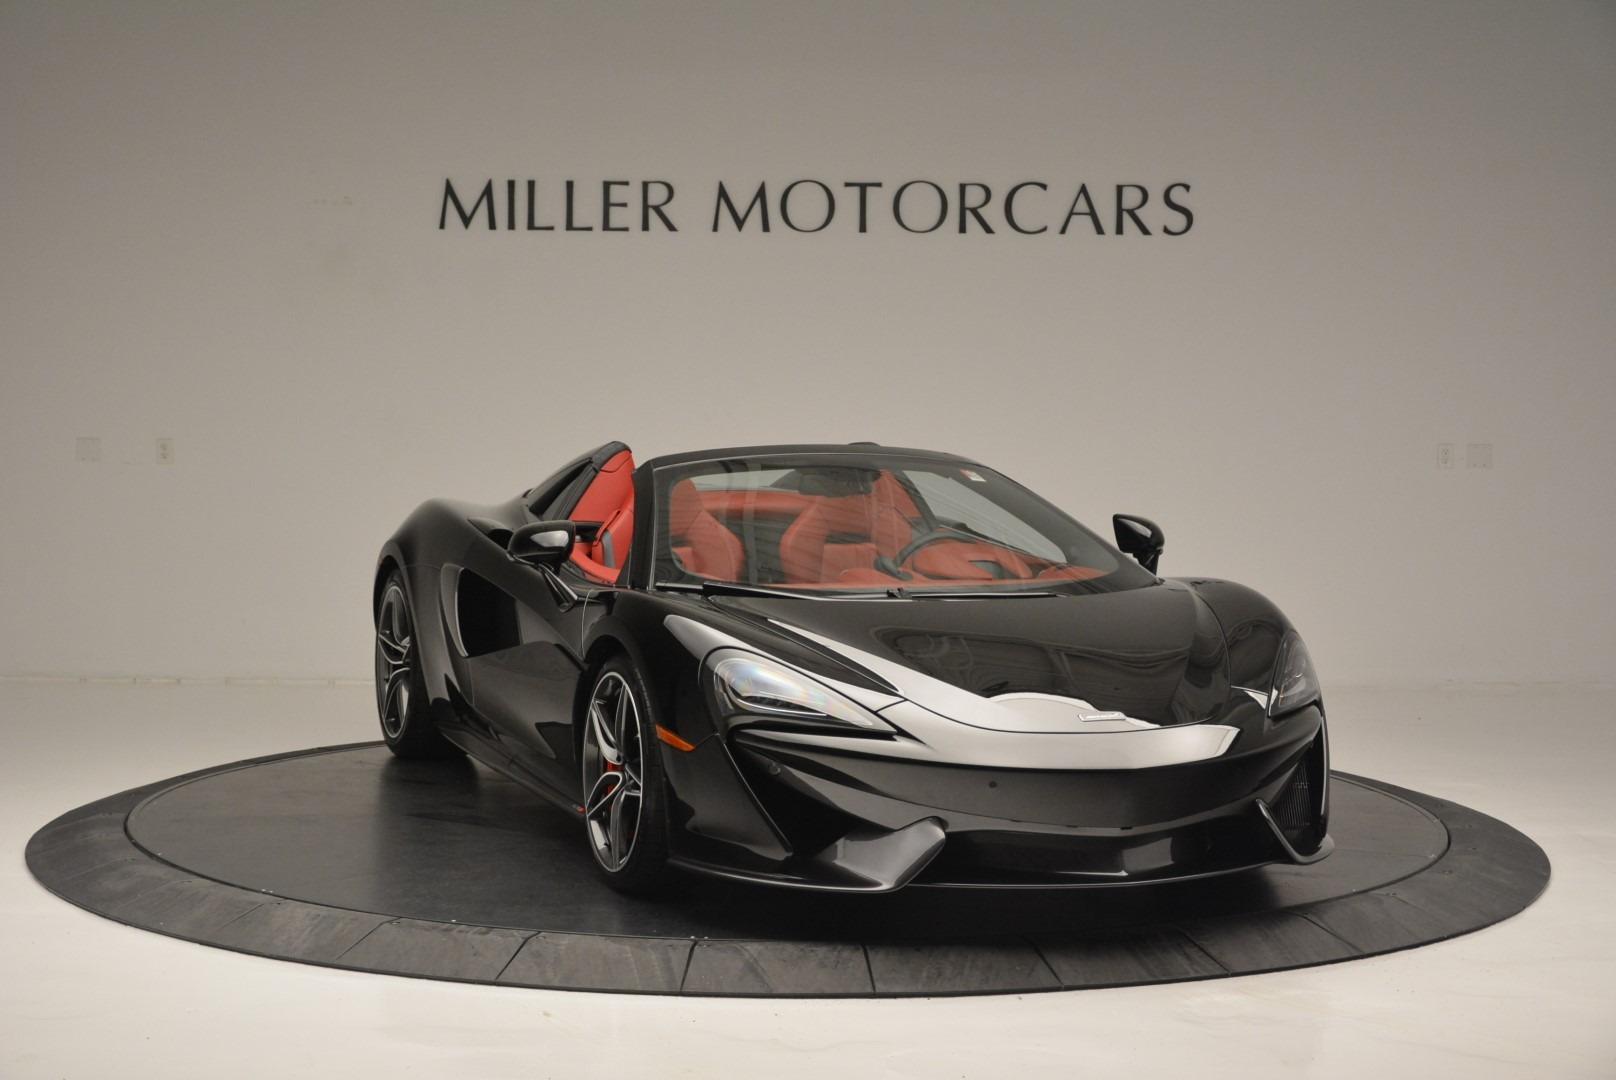 New 2019 McLaren 570S Spider Convertible For Sale In Westport, CT 2522_p11